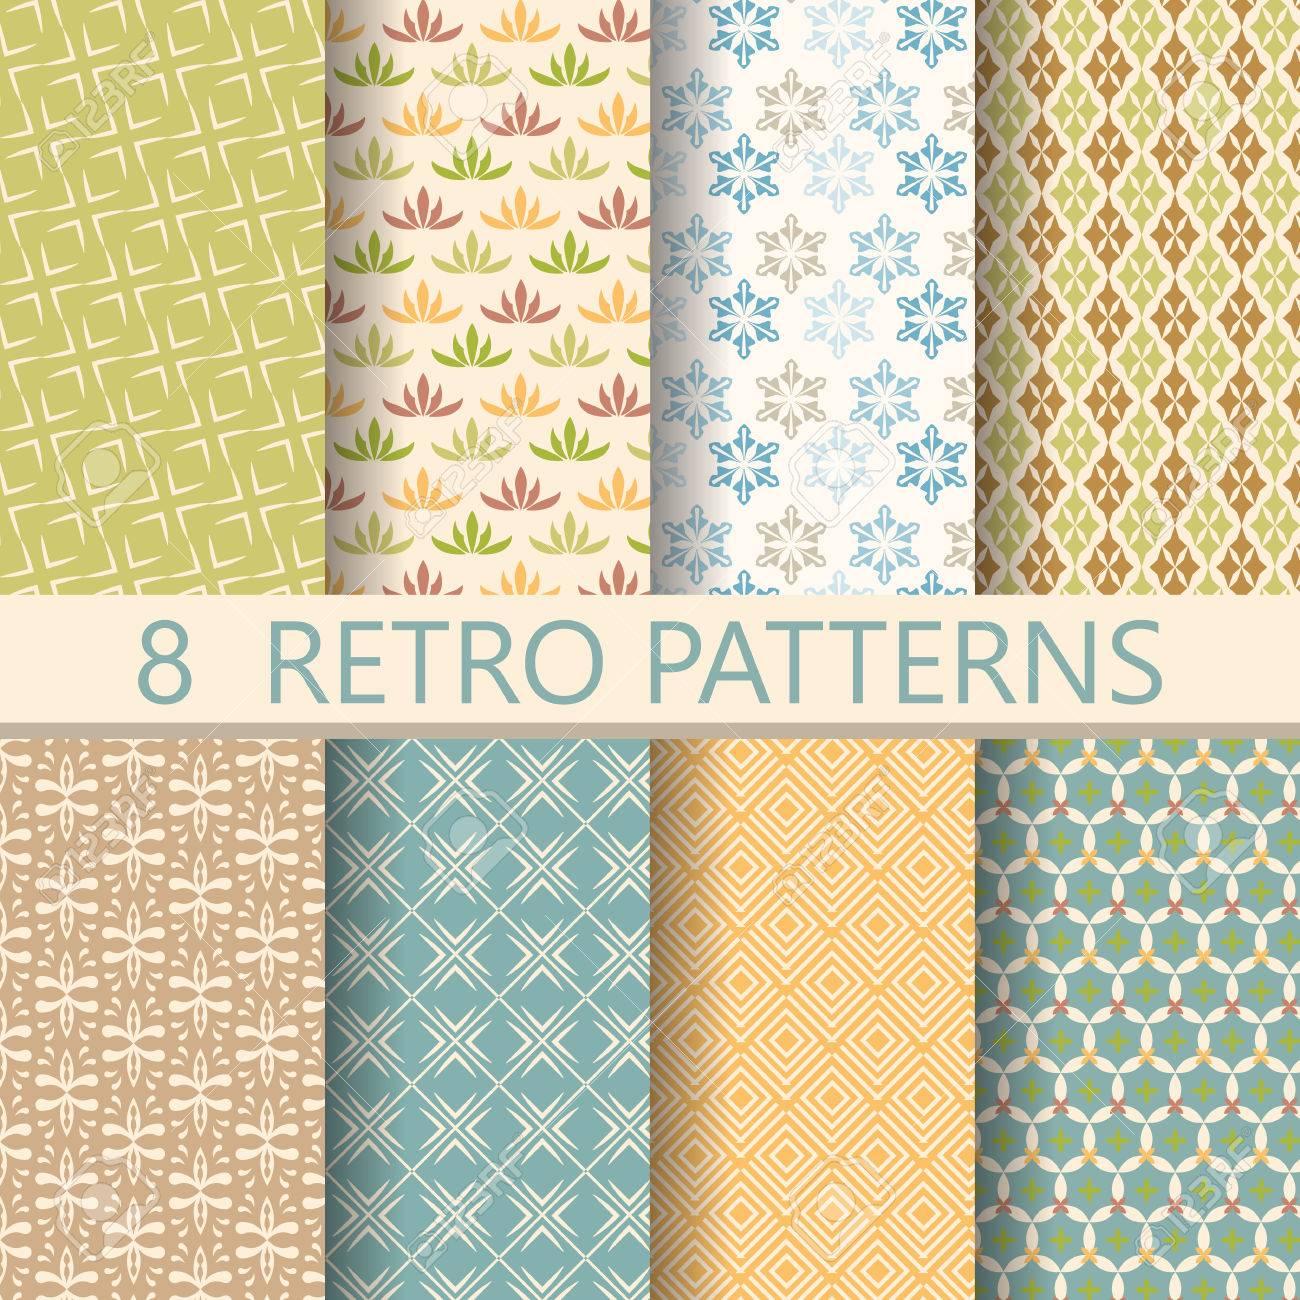 8 Verschiedene Retro Muster, Design Auf Vintage Farben. Endless Textur Kann  Für